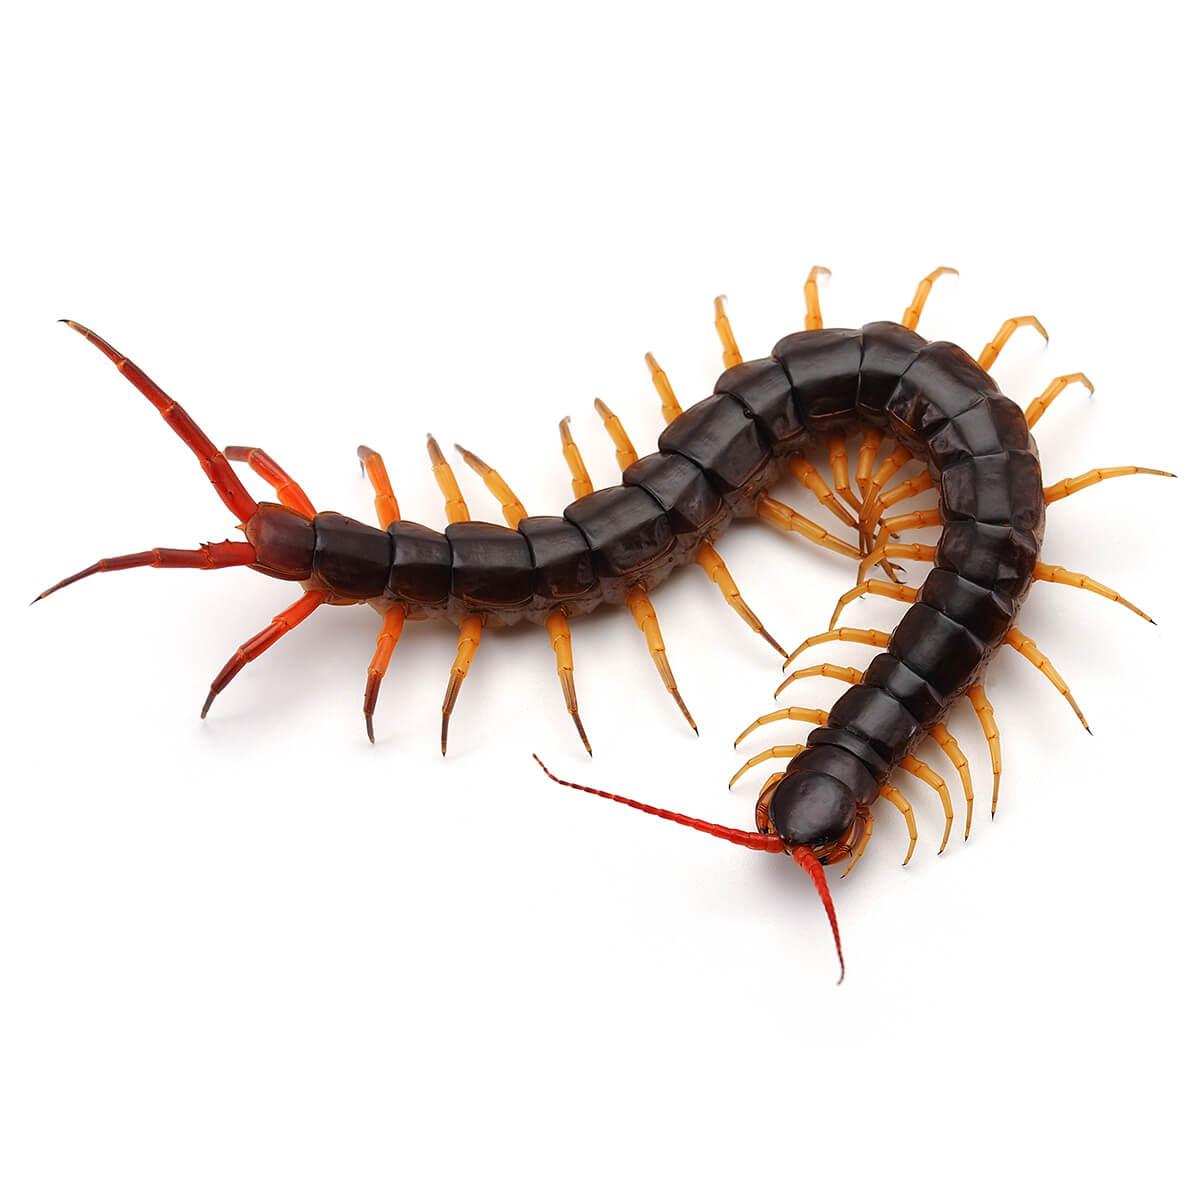 Centipede - Featured Image